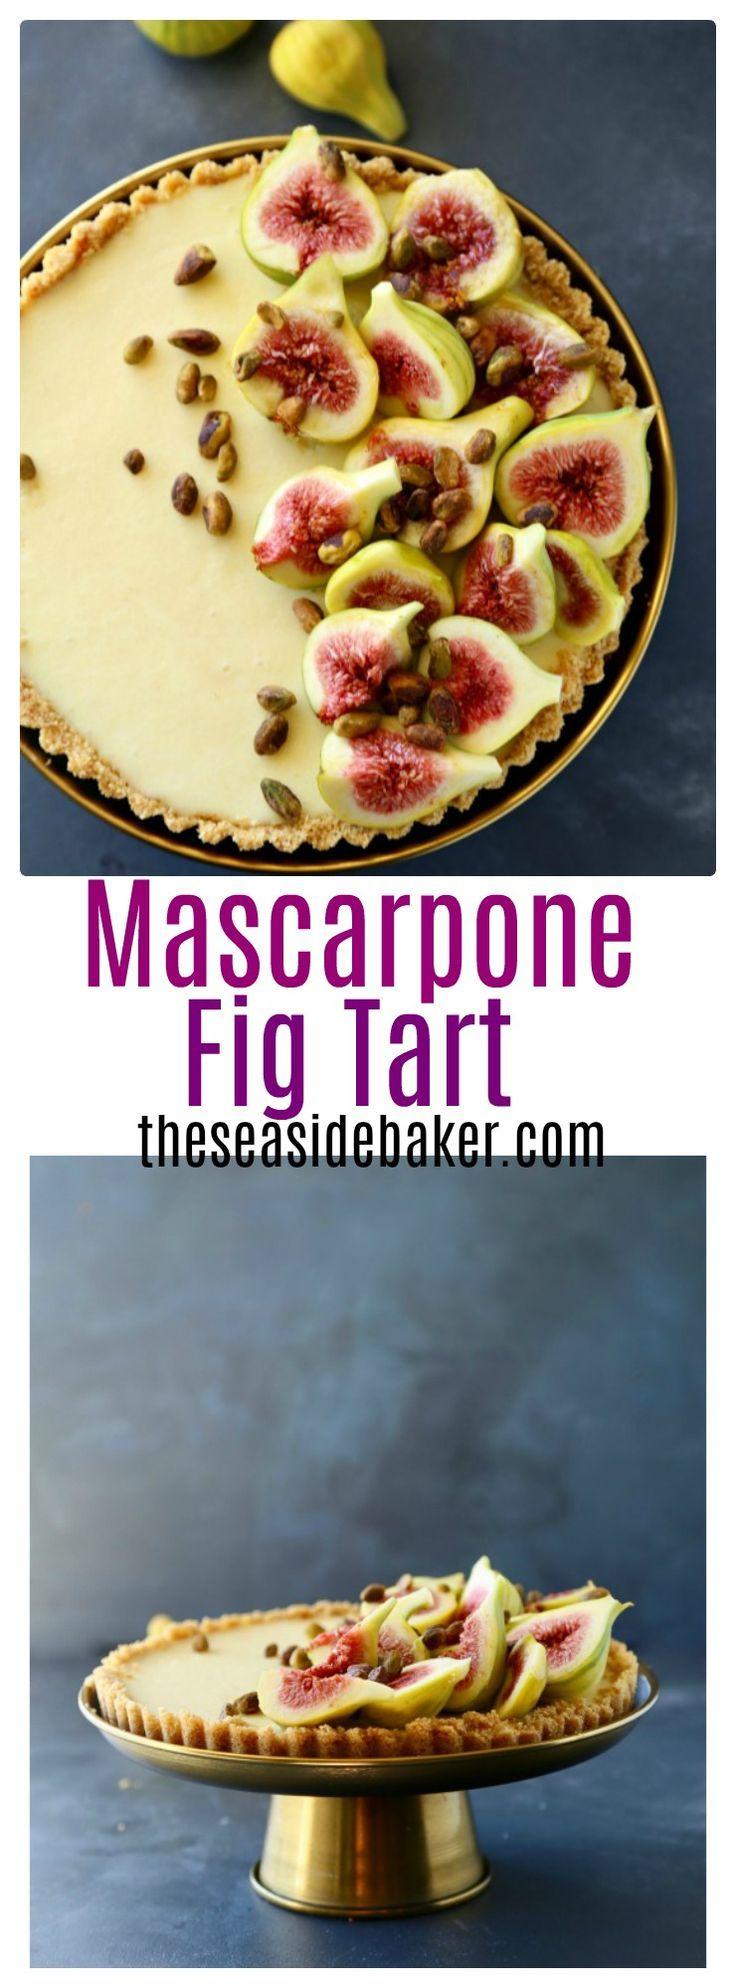 Mascarpone Fig Tart - dessert by @TheSeasideBaker